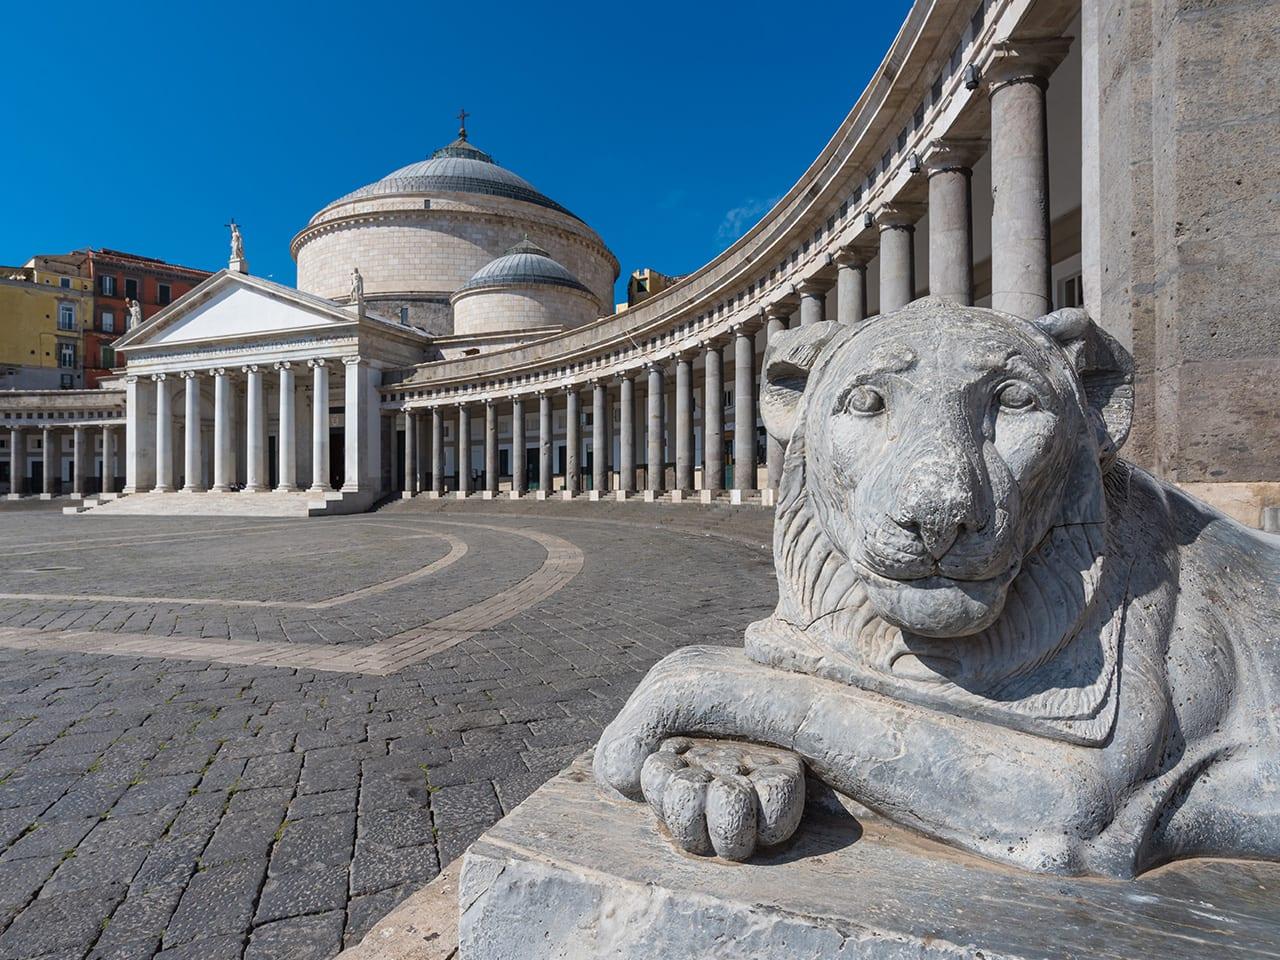 Naples, au coeur historique de la ville